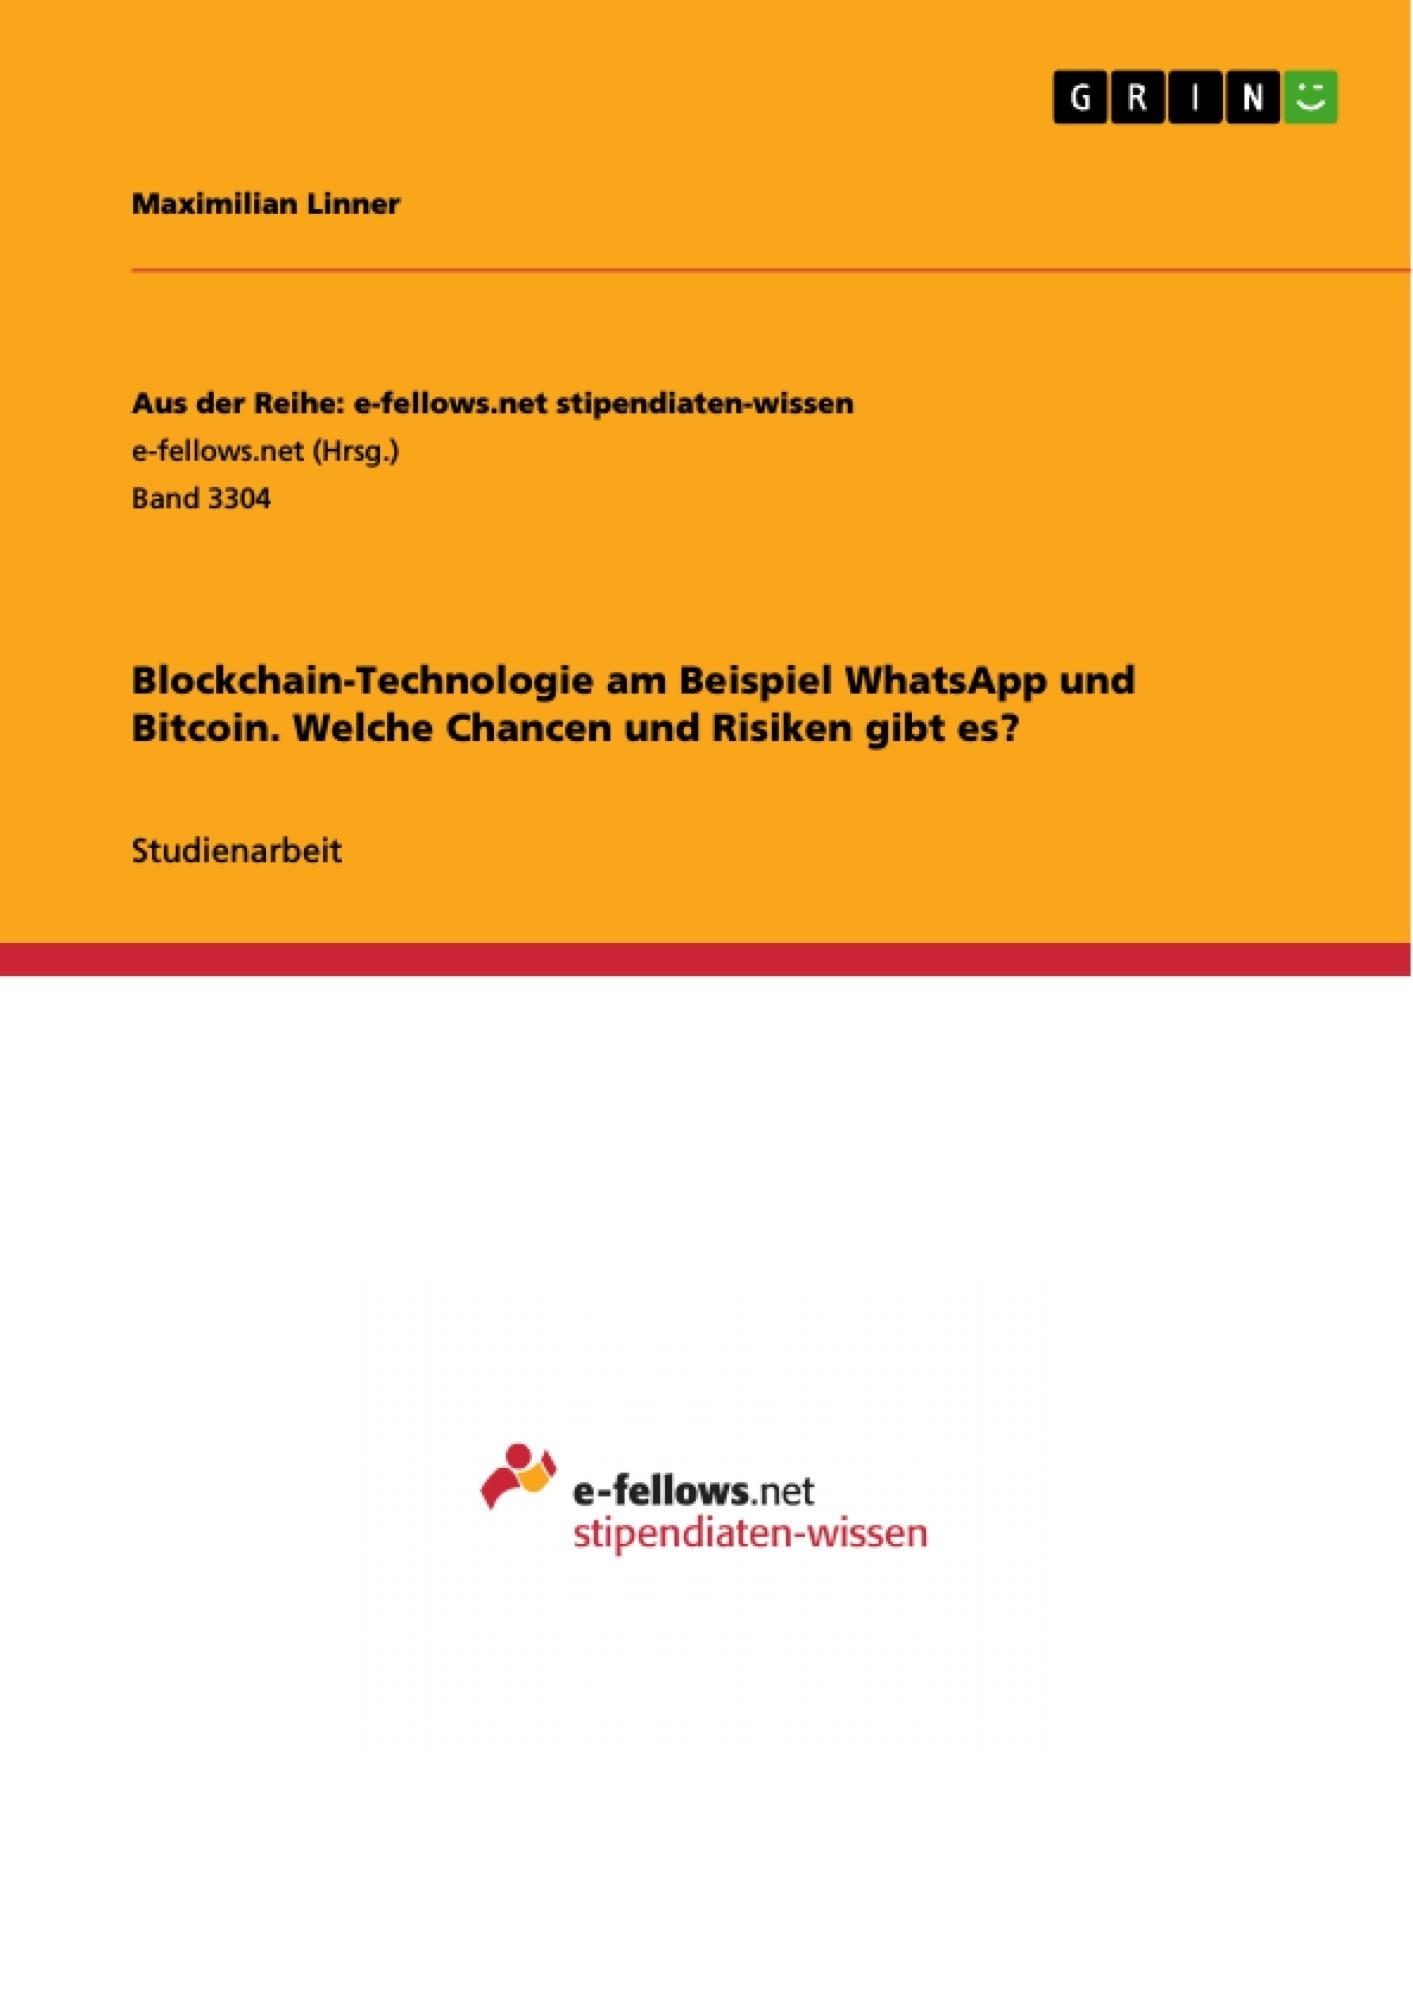 Titel: Blockchain-Technologie am Beispiel WhatsApp und Bitcoin. Welche Chancen und Risiken gibt es?